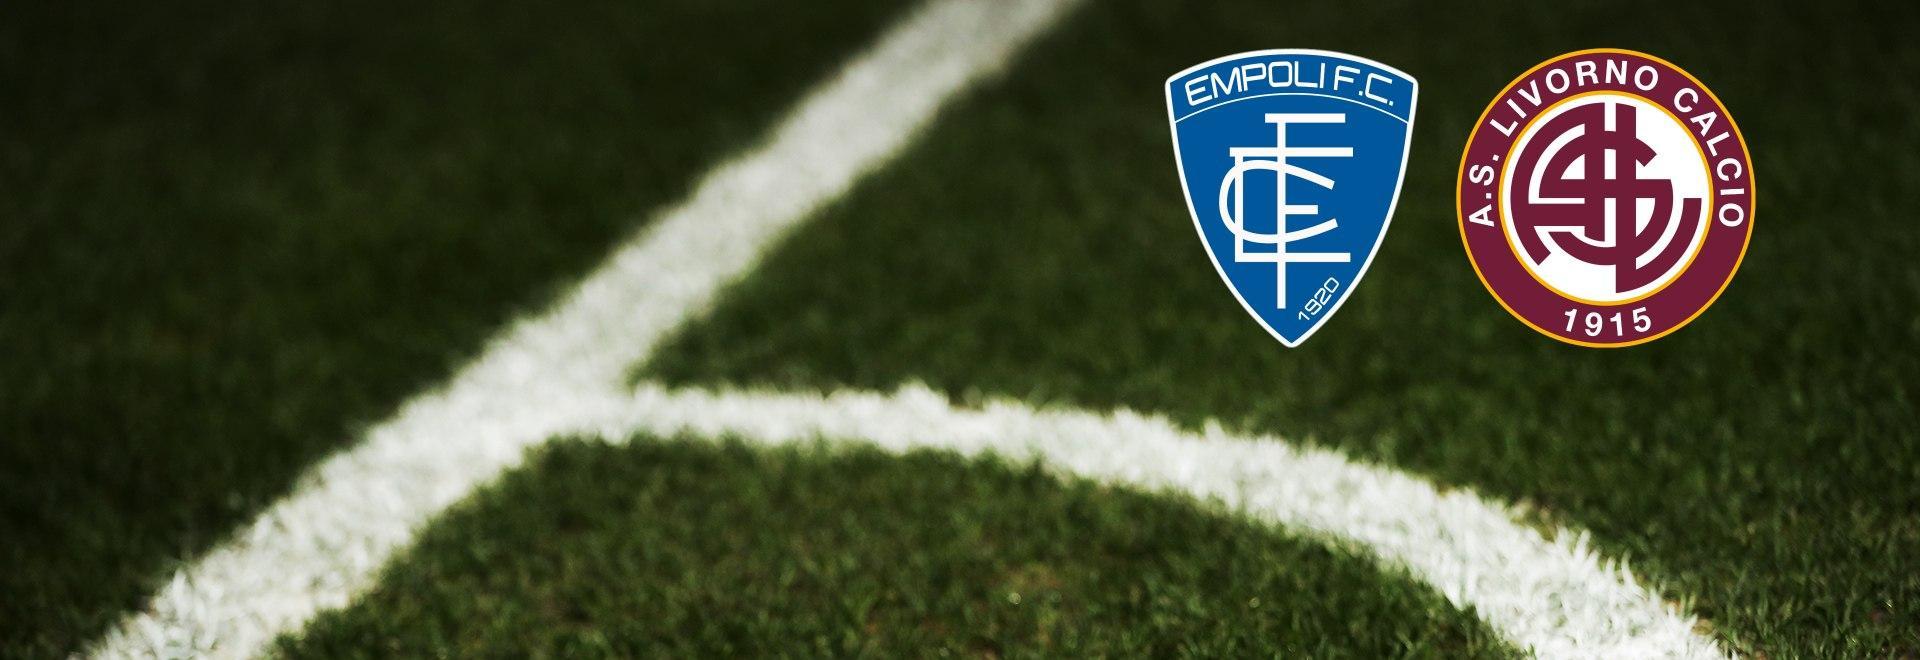 Empoli - Livorno. 19a g.